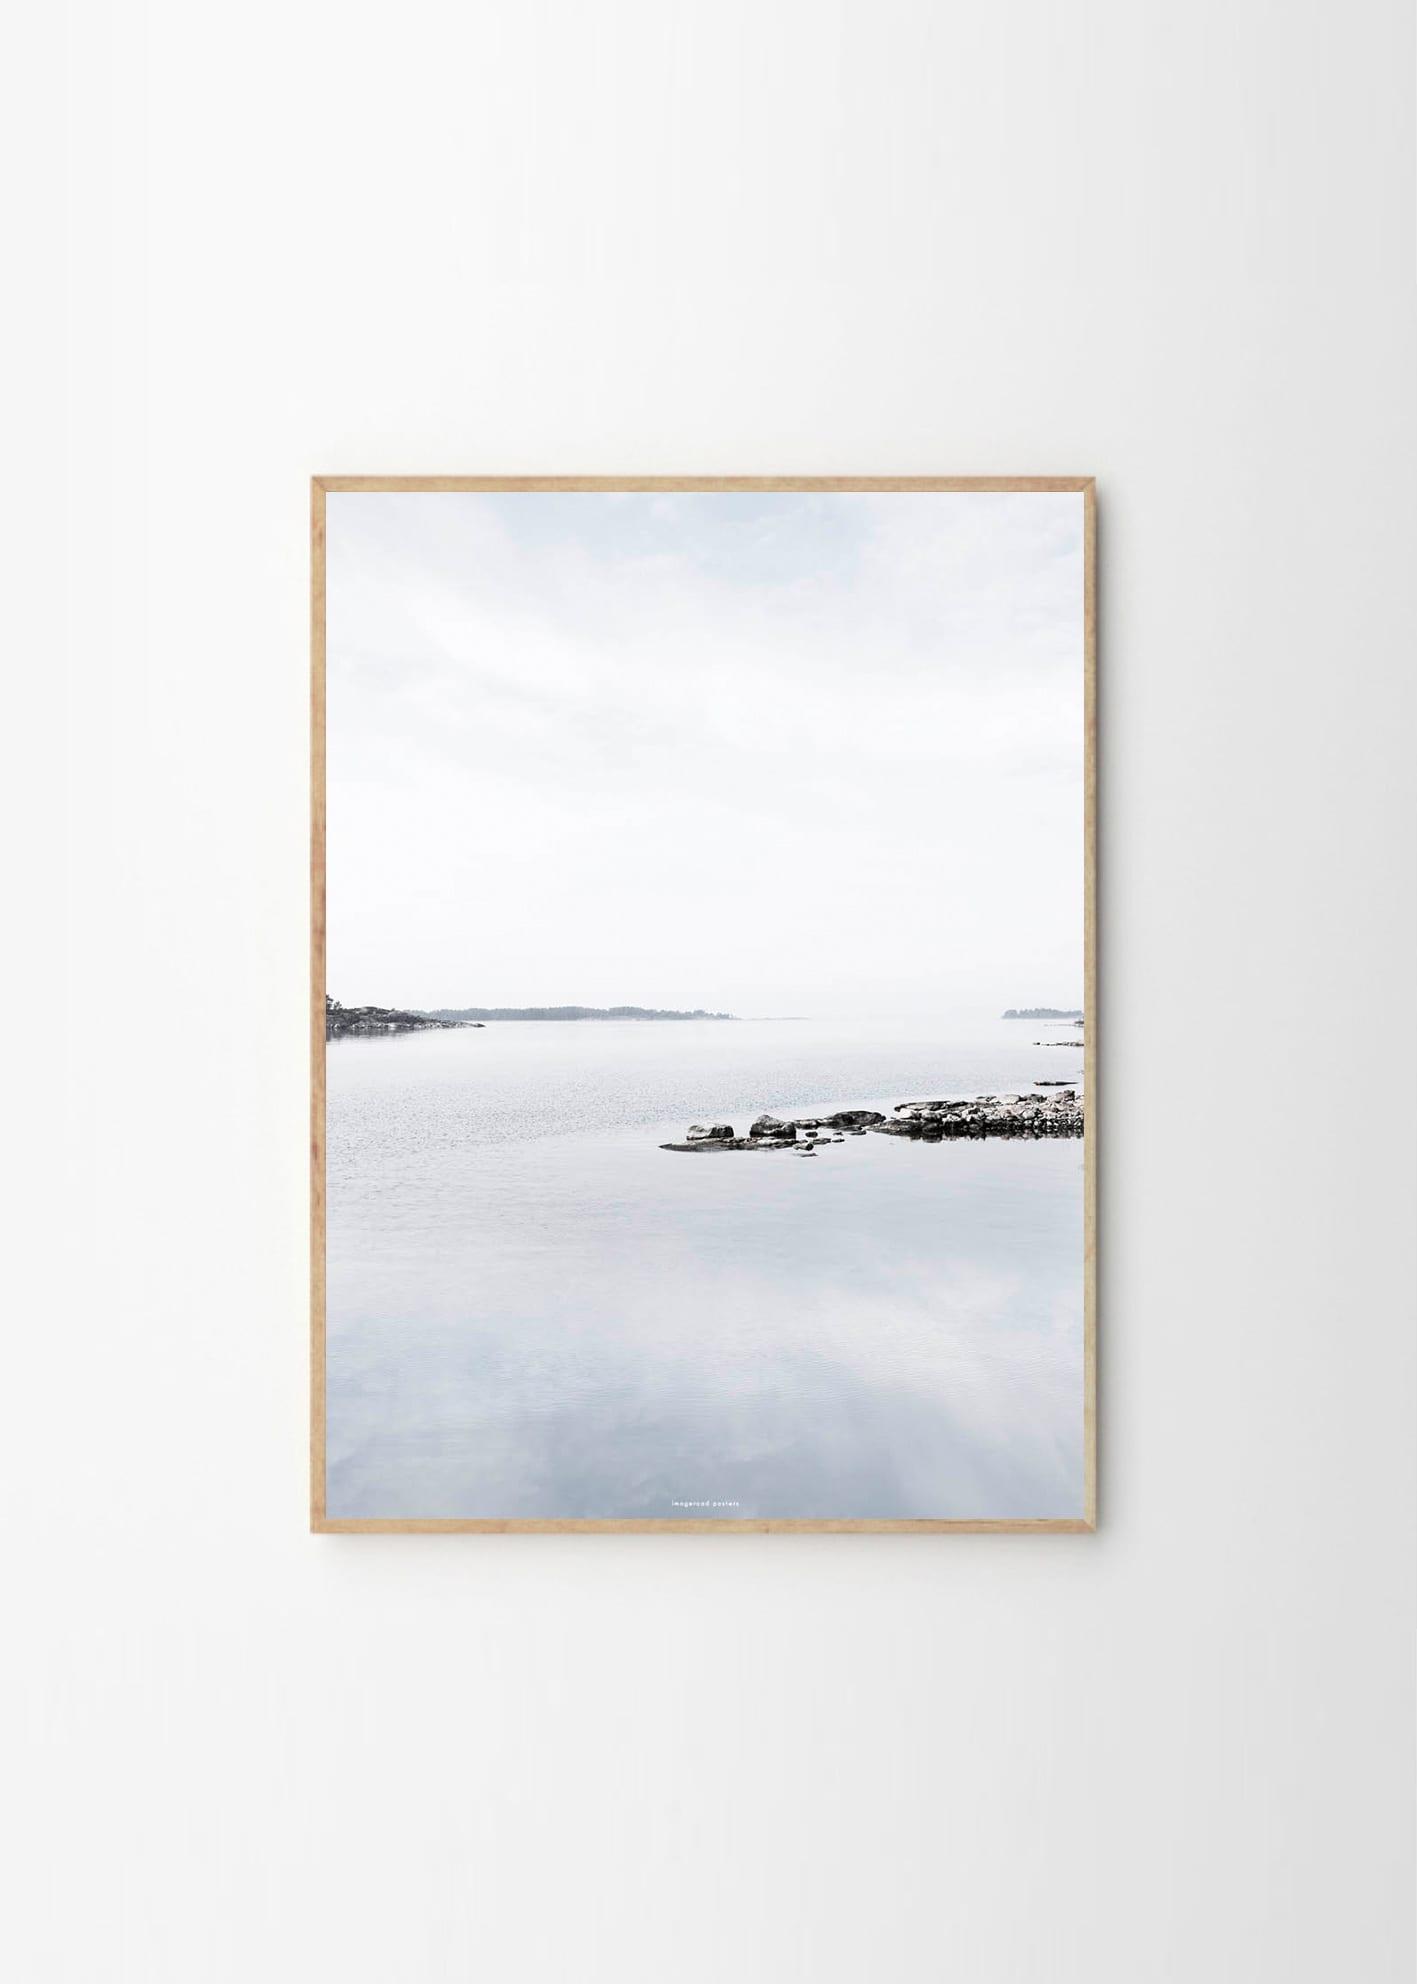 Schön 36 X 36 Plakatrahmen Bilder - Benutzerdefinierte Bilderrahmen ...